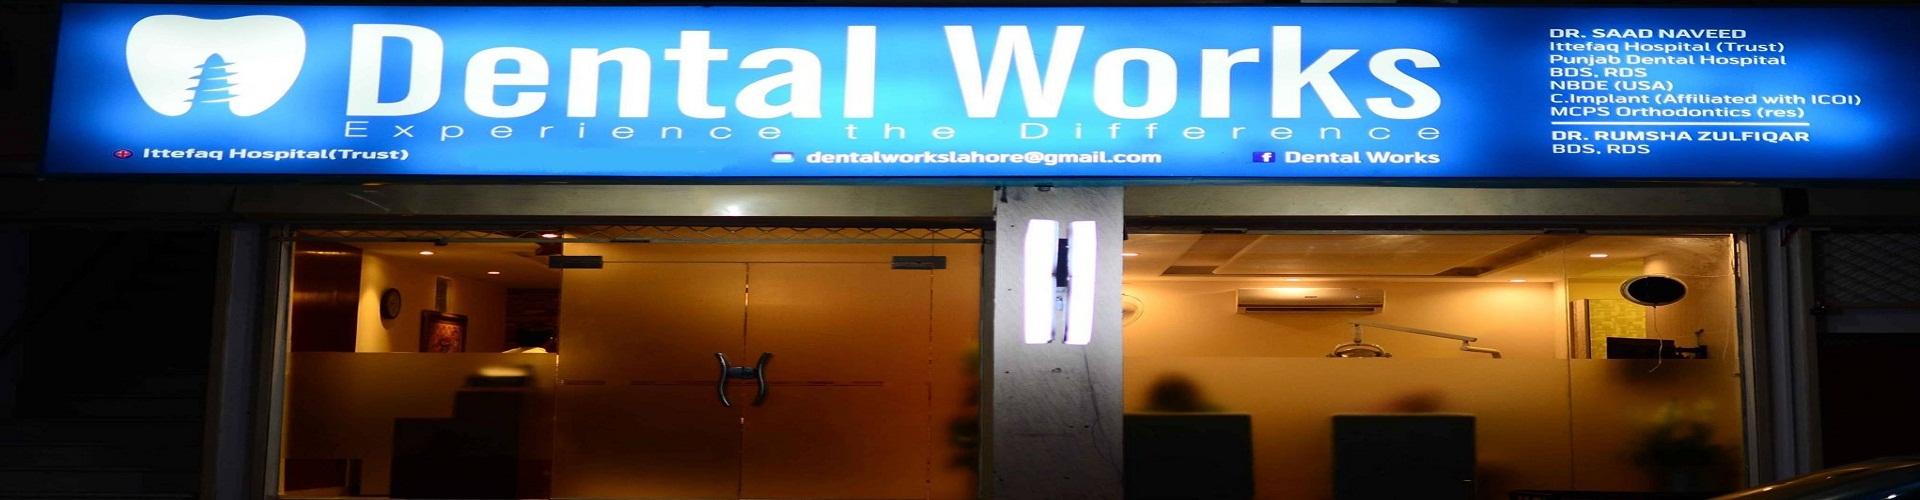 Dental works front